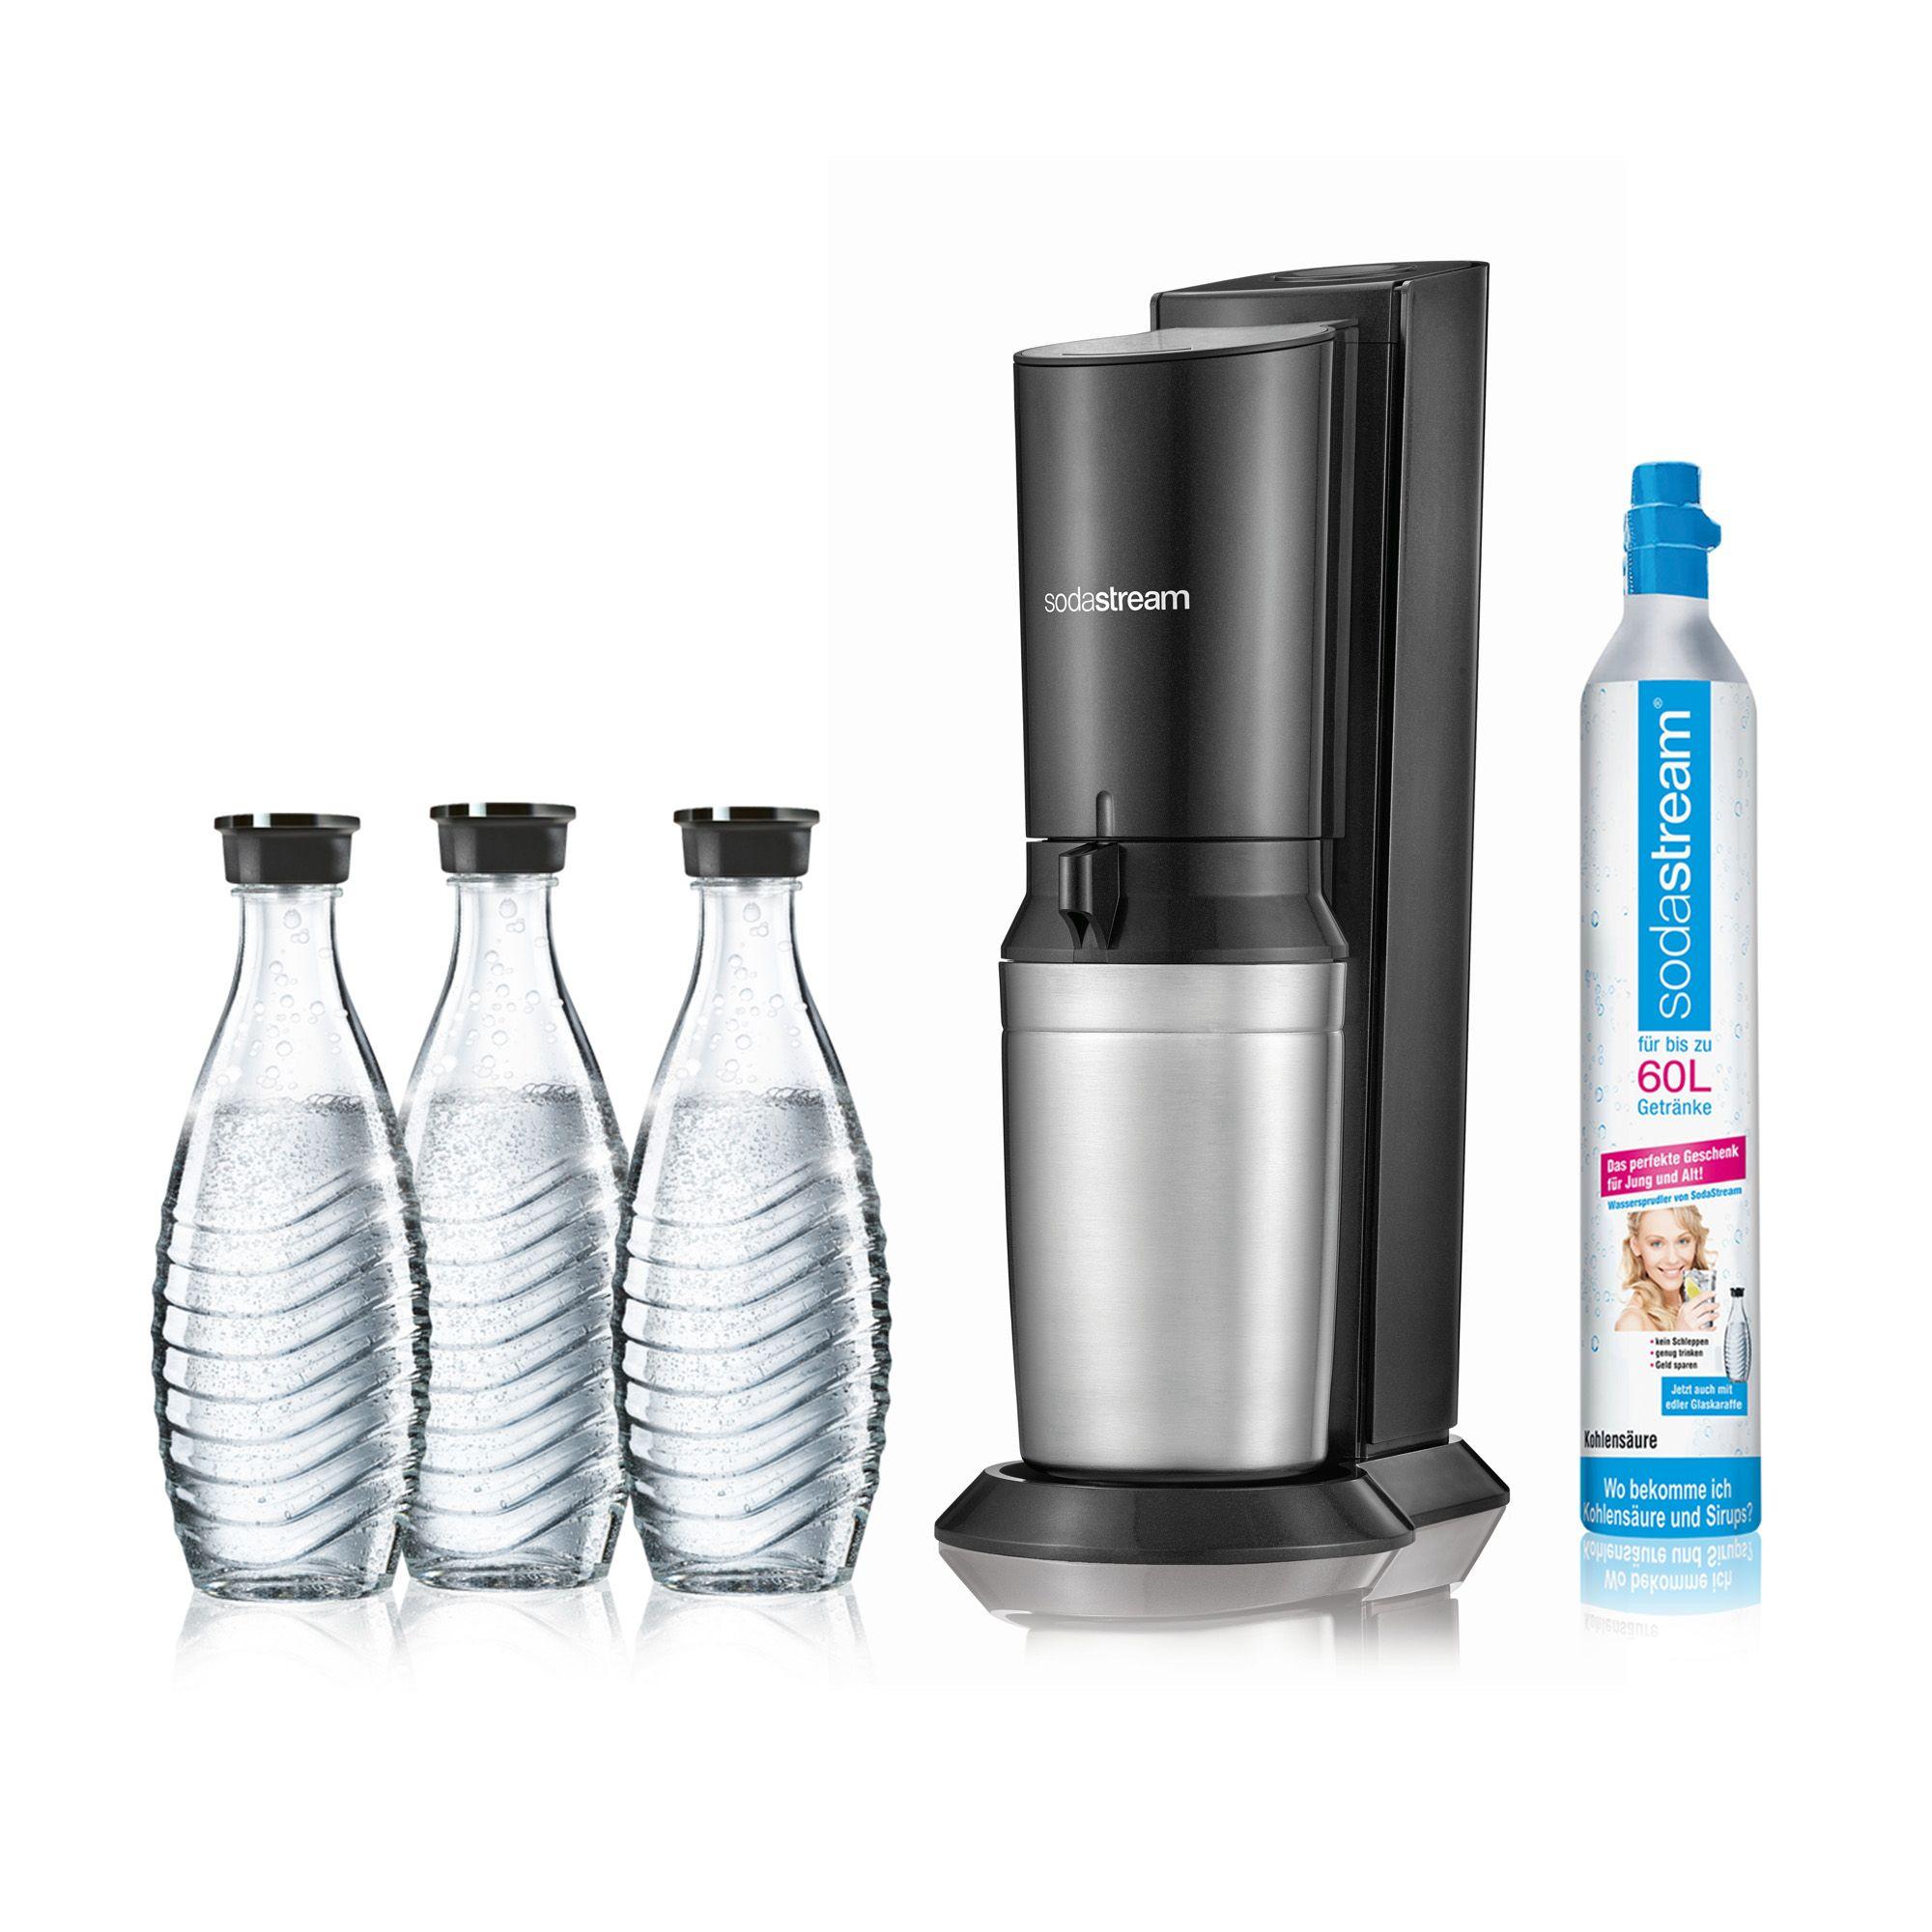 Sodastream Crystal 2 0 3 Karaffen 1 Zylinder 5j Herstellergarantie Qvc De